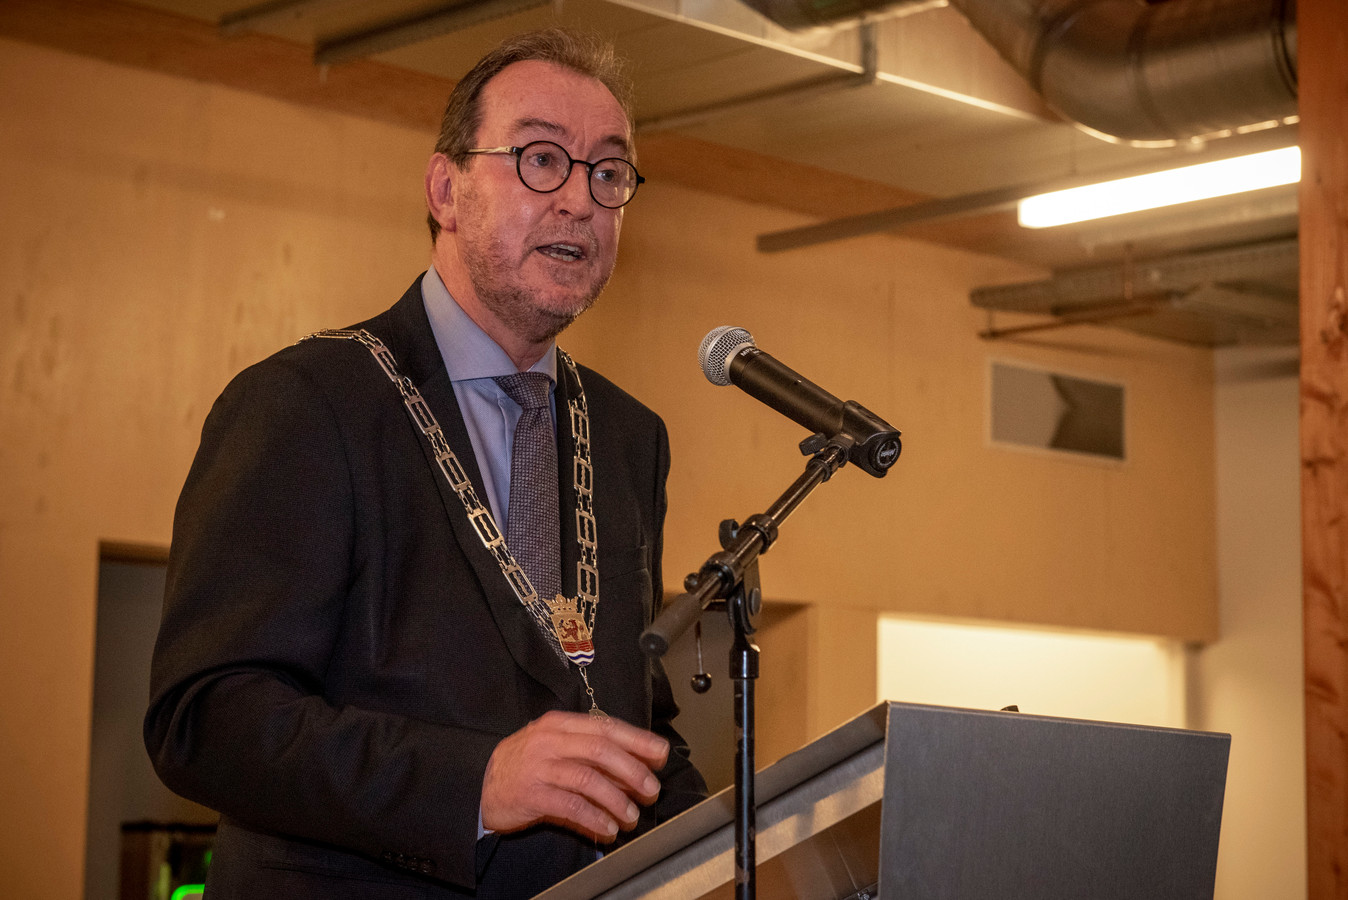 Vertrekkend burgemeester Jan Lonink van Terneuzen tijdens de nieuwjaarsreceptie van de gemeente in 2019.